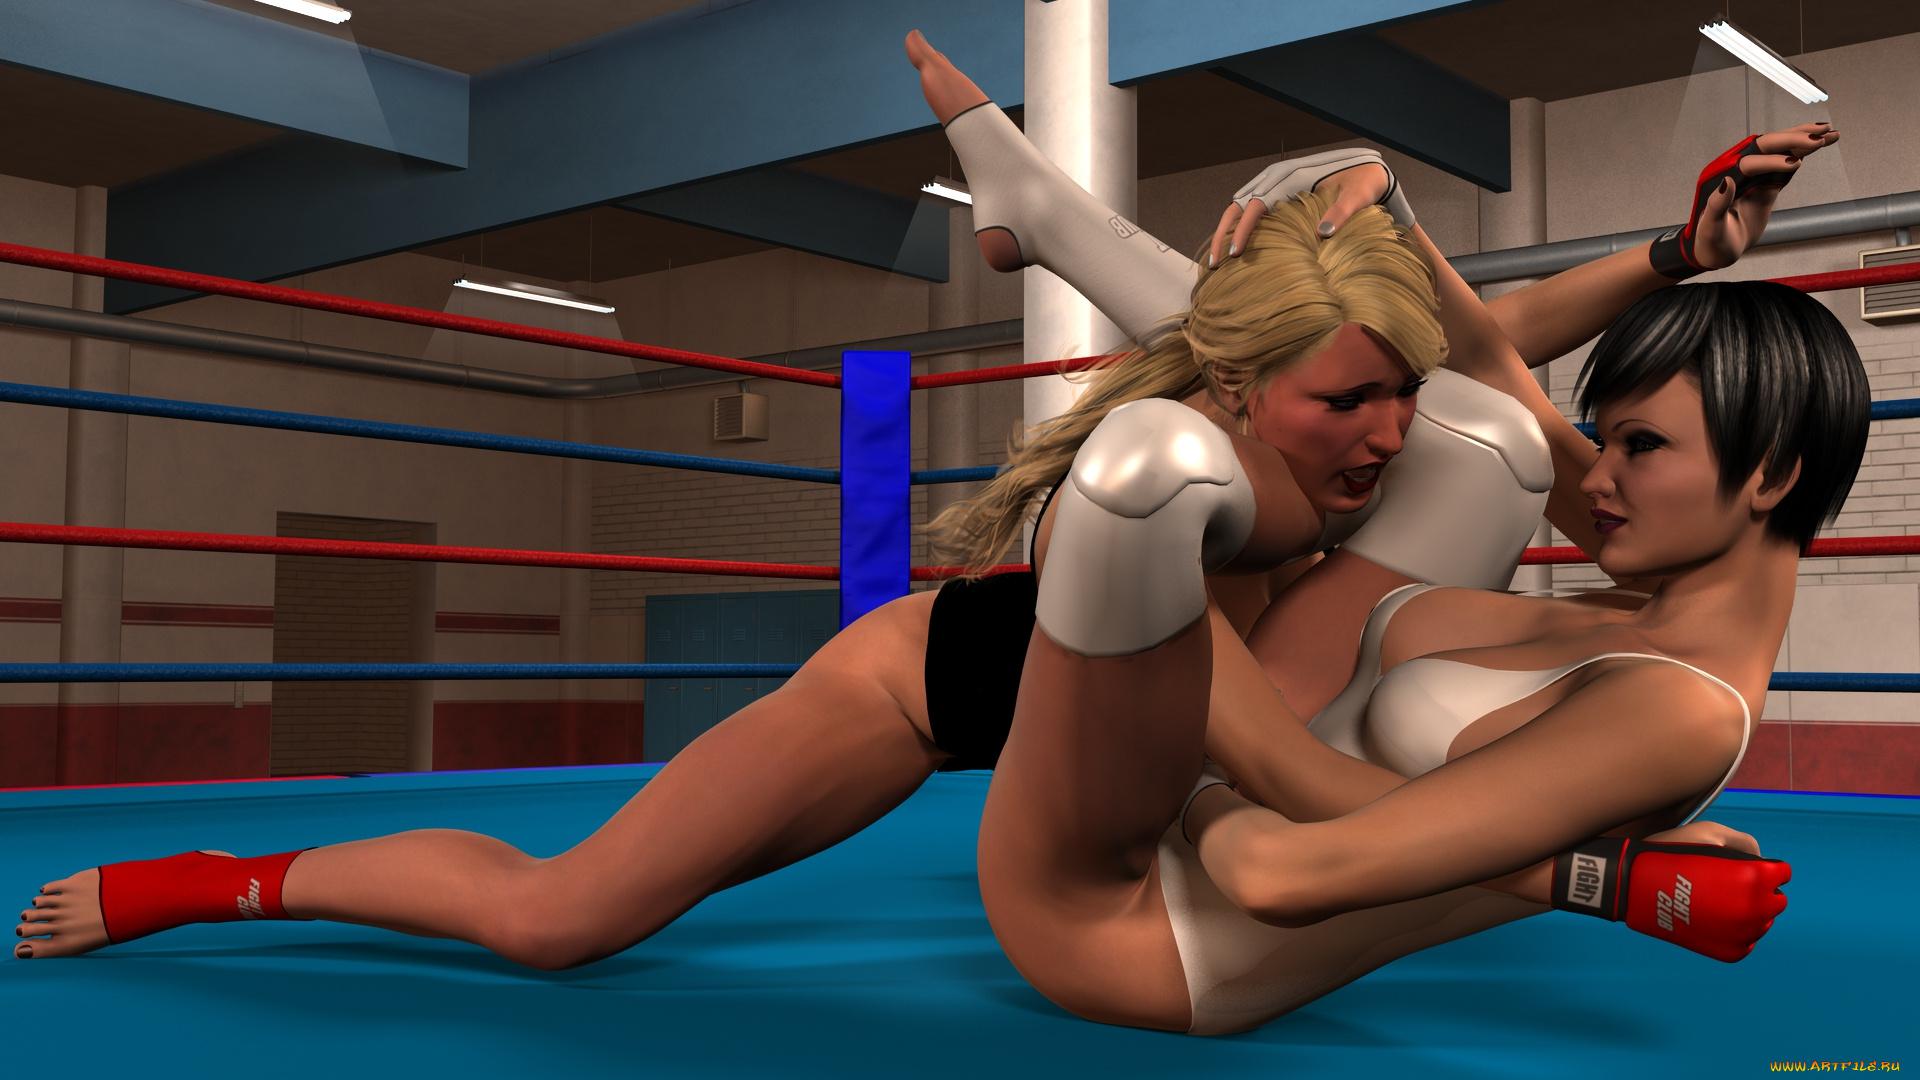 Лесбиянки на ринге онлайн порно